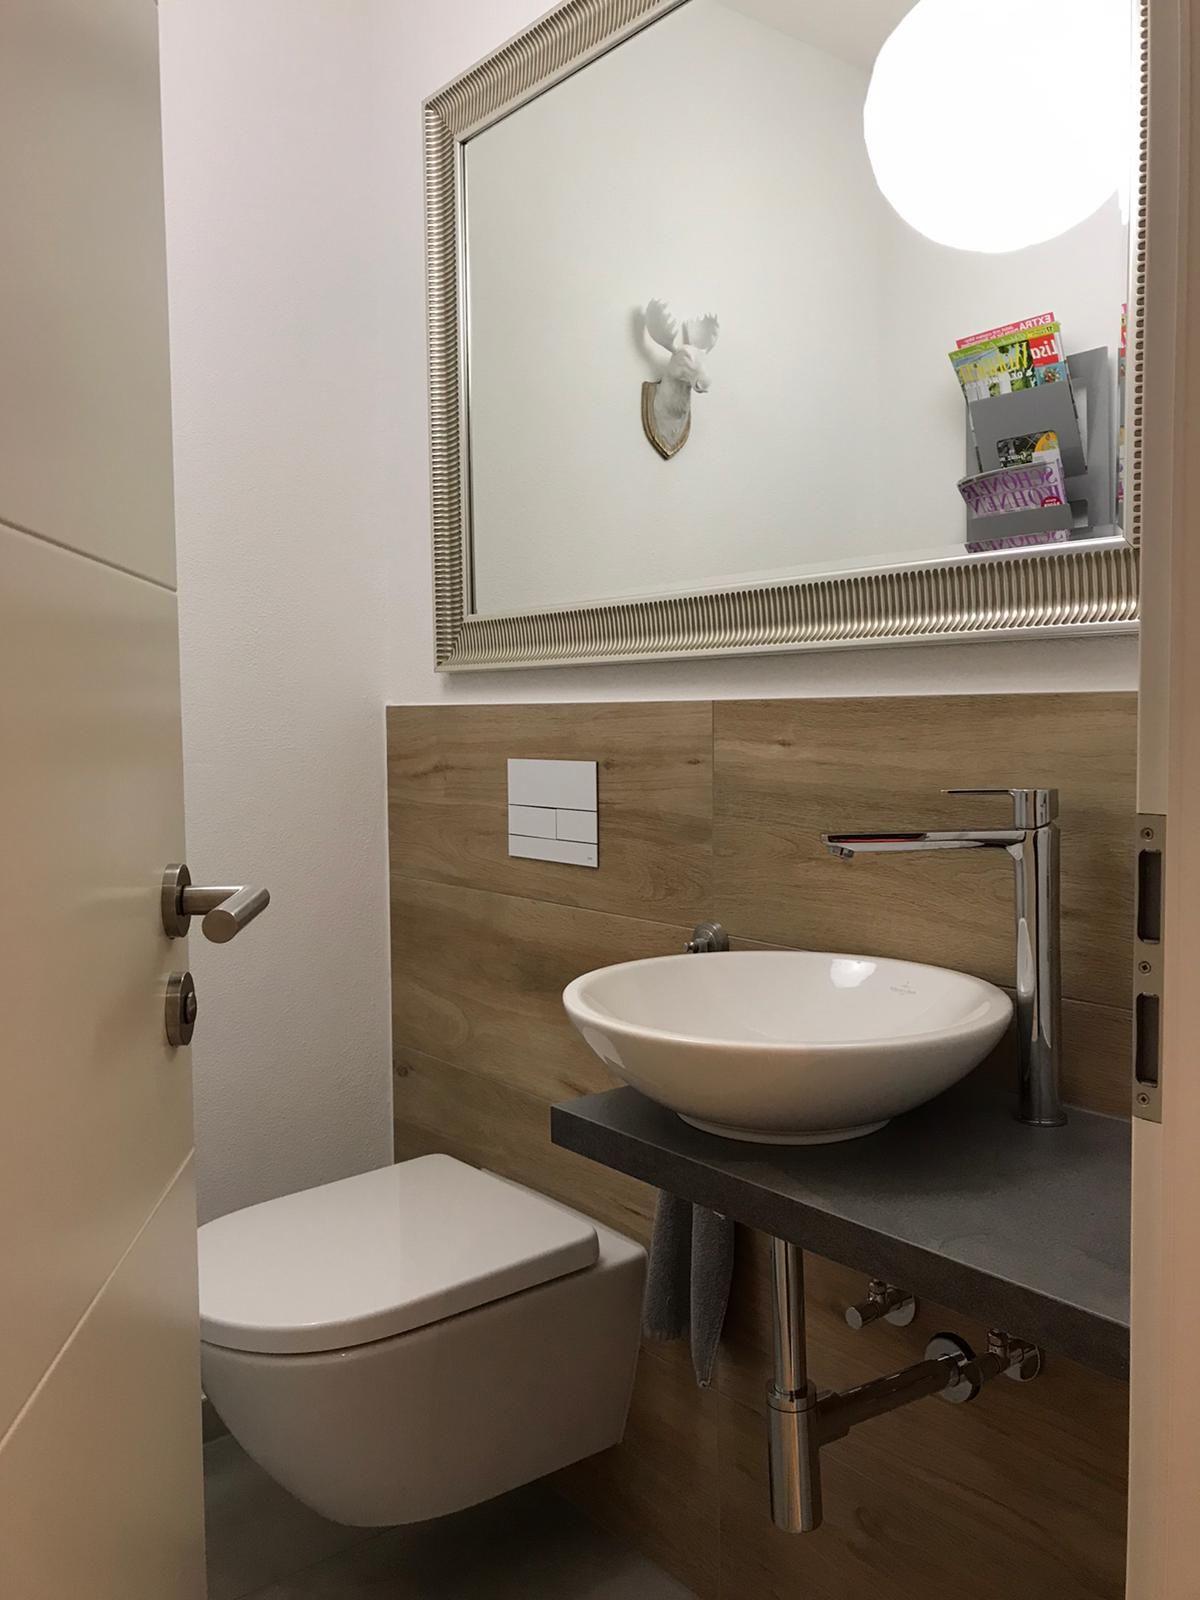 Gaste Toilette In 2020 Badezimmer Holzoptik Gaste Toilette Badezimmer Design